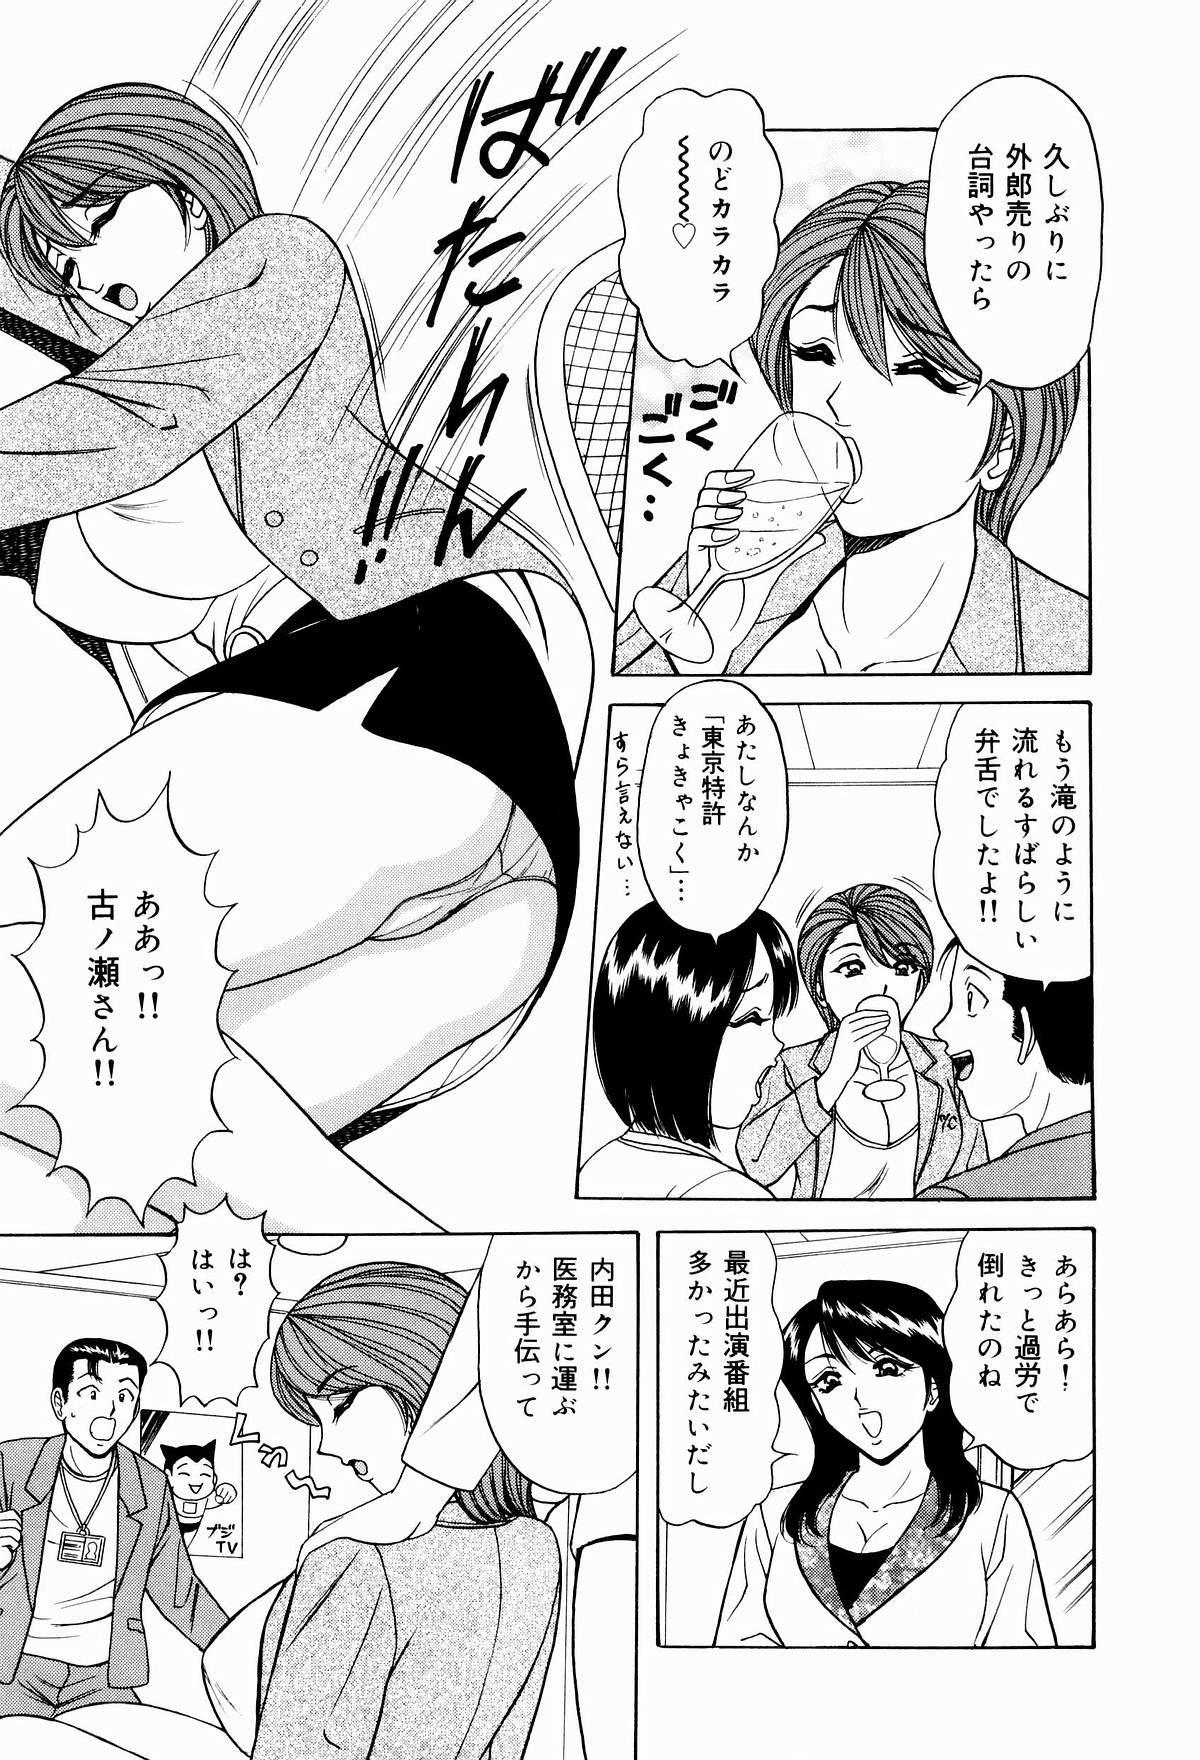 Kyonyuu Ana Konose Rie Suikappu Kiki Ippatsu 78